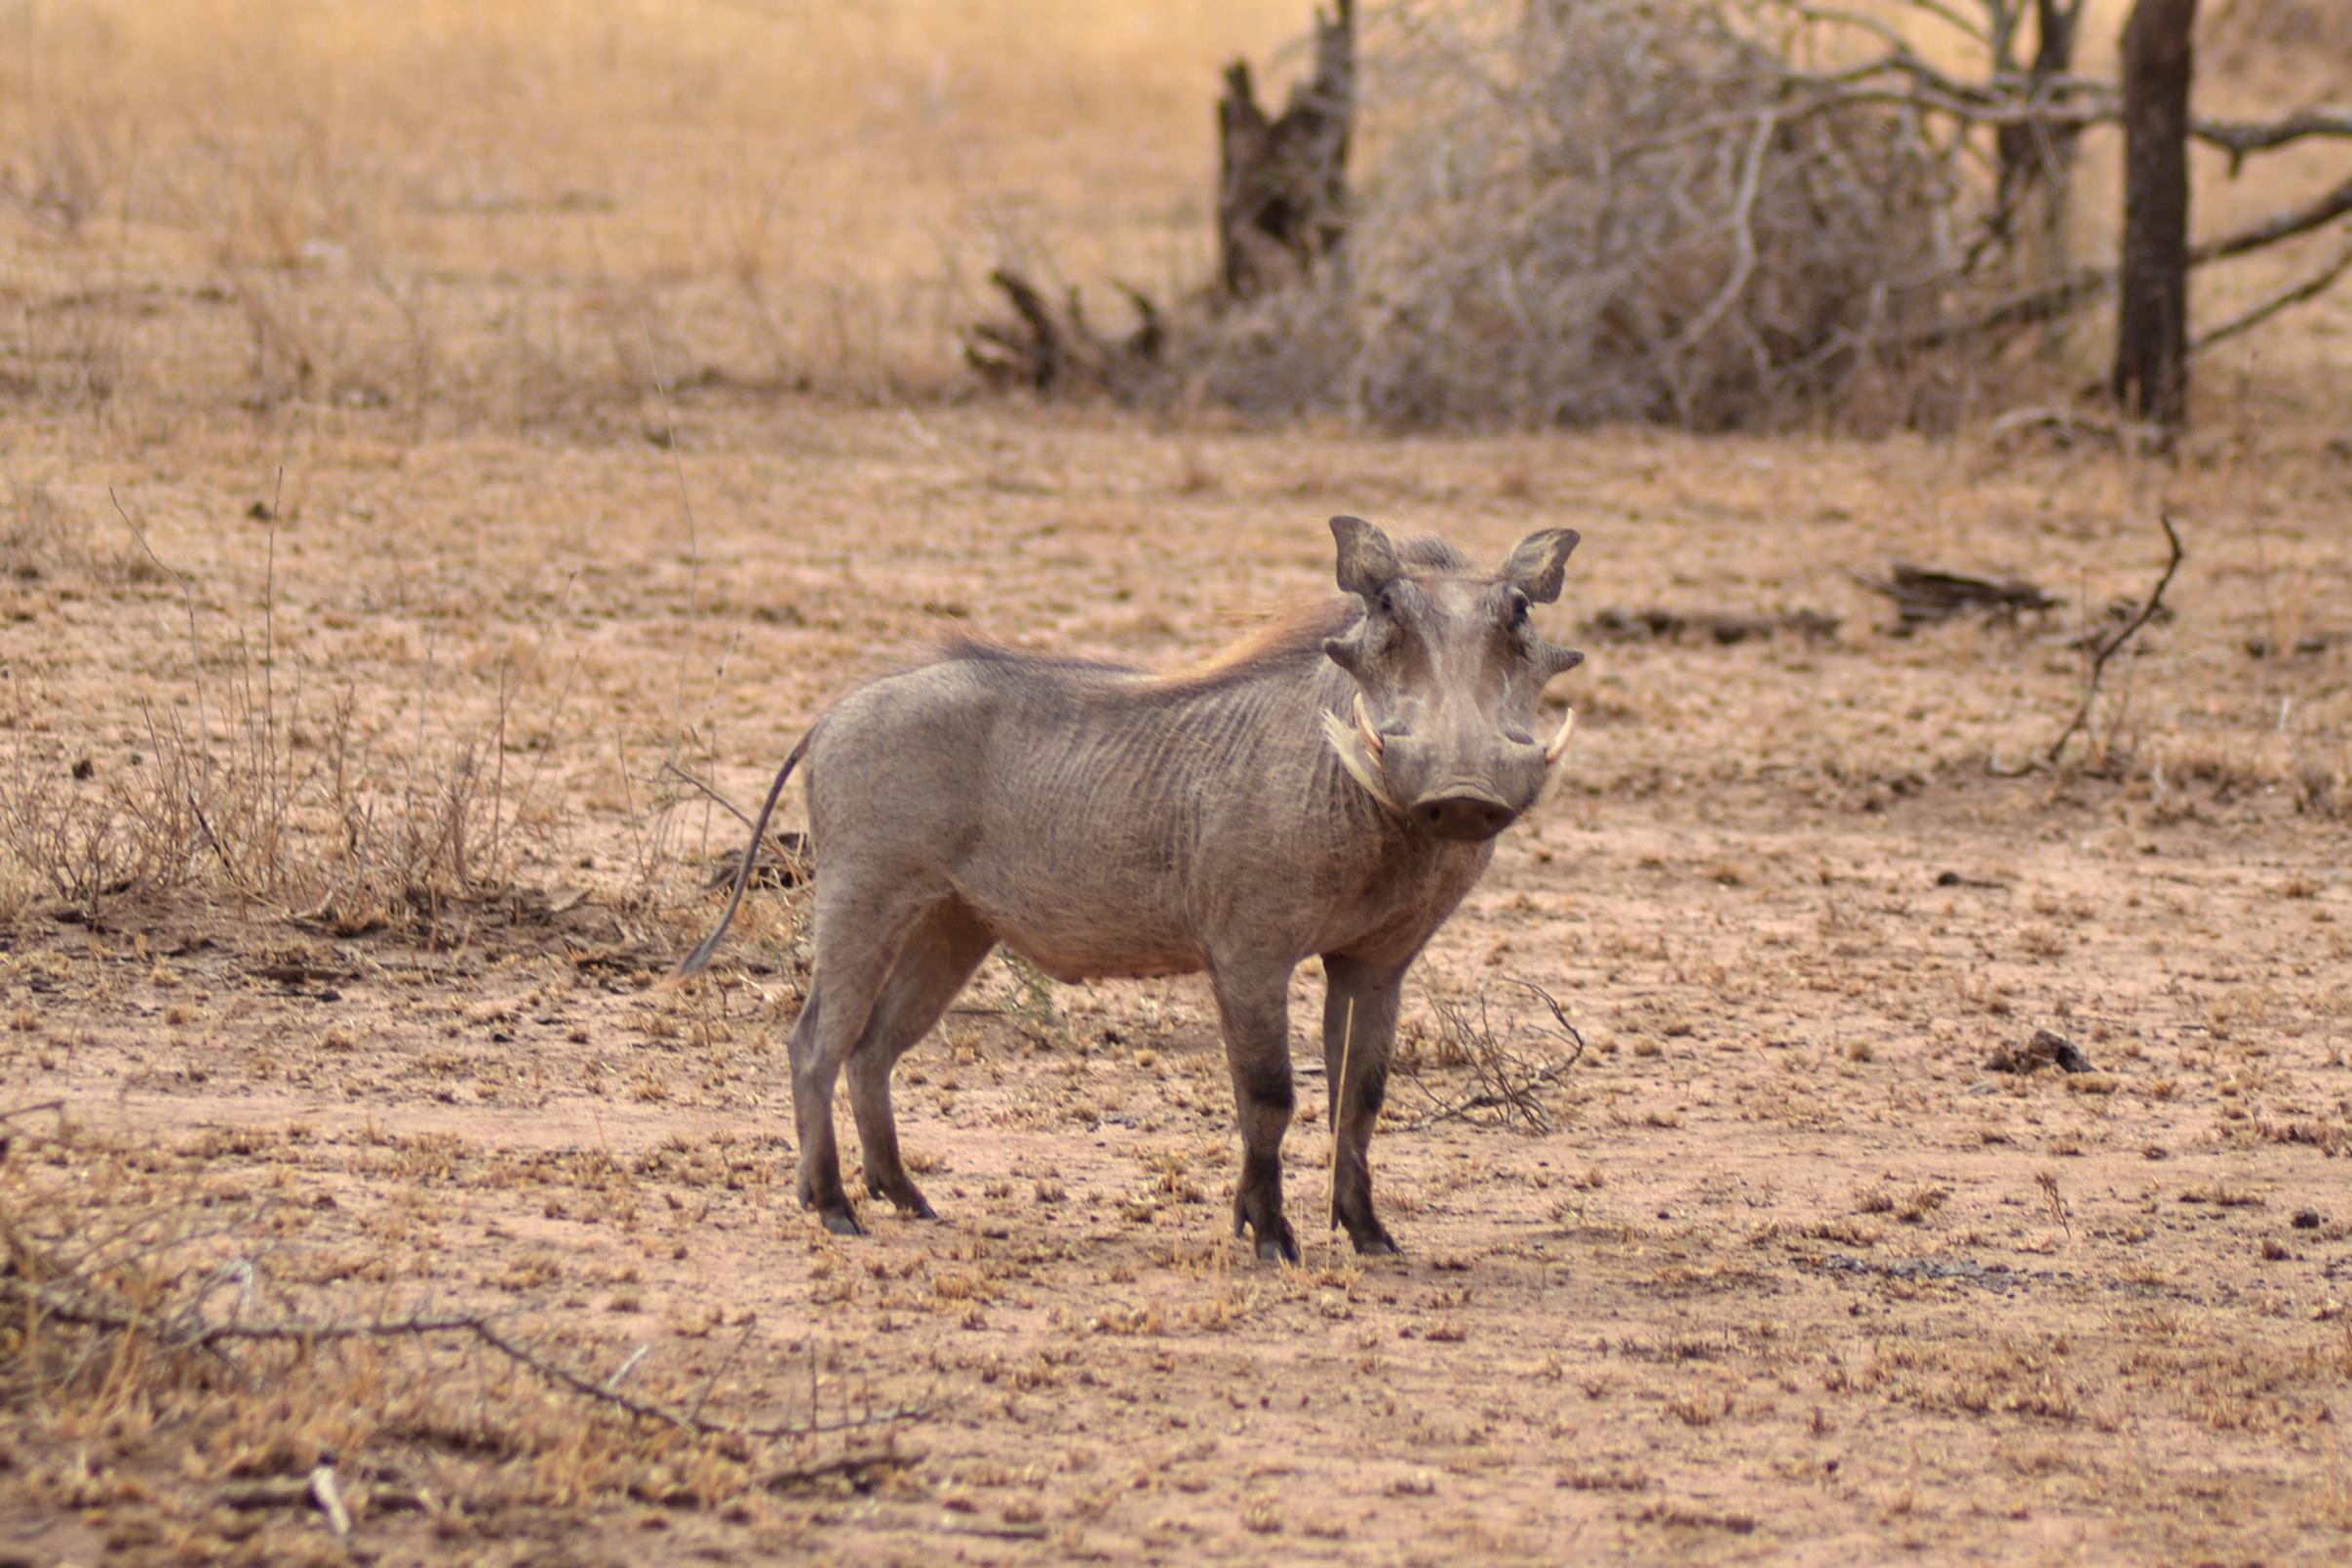 safari_tanzania_serengeti_8